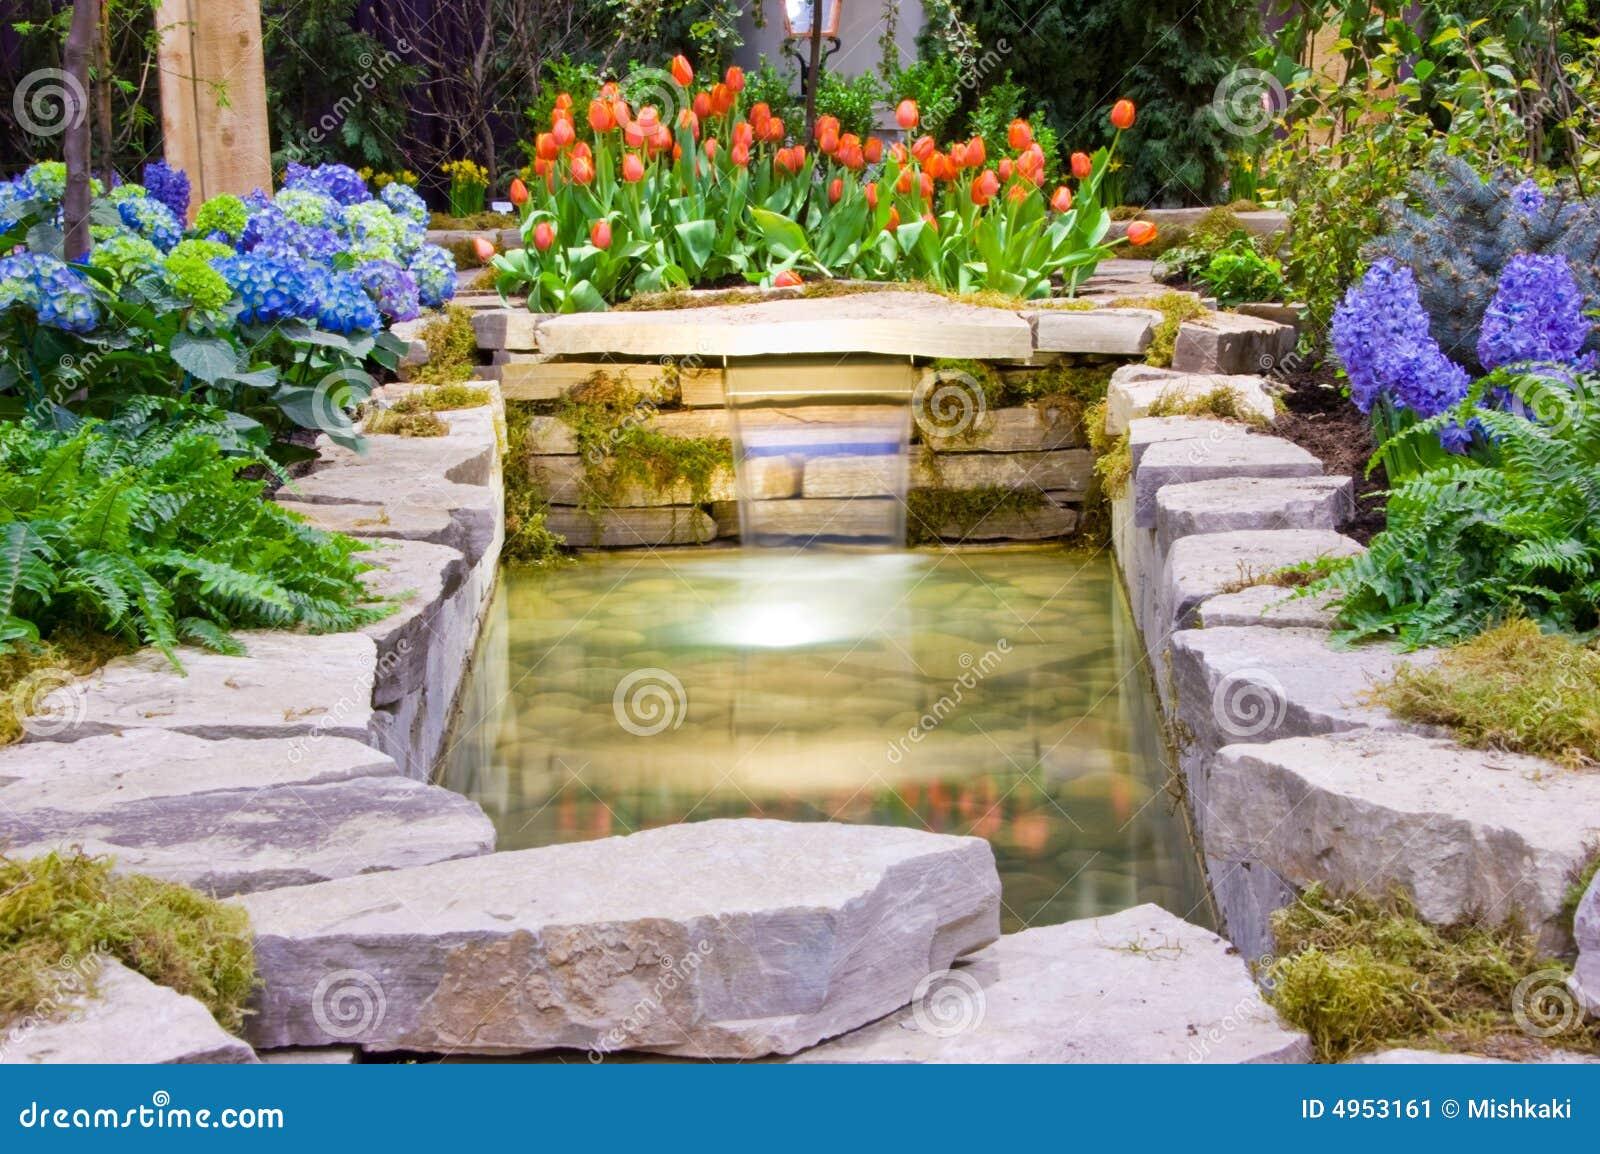 Garten und wasserfall stockbild bild von auszug wunsch - Garten wasserfall ...